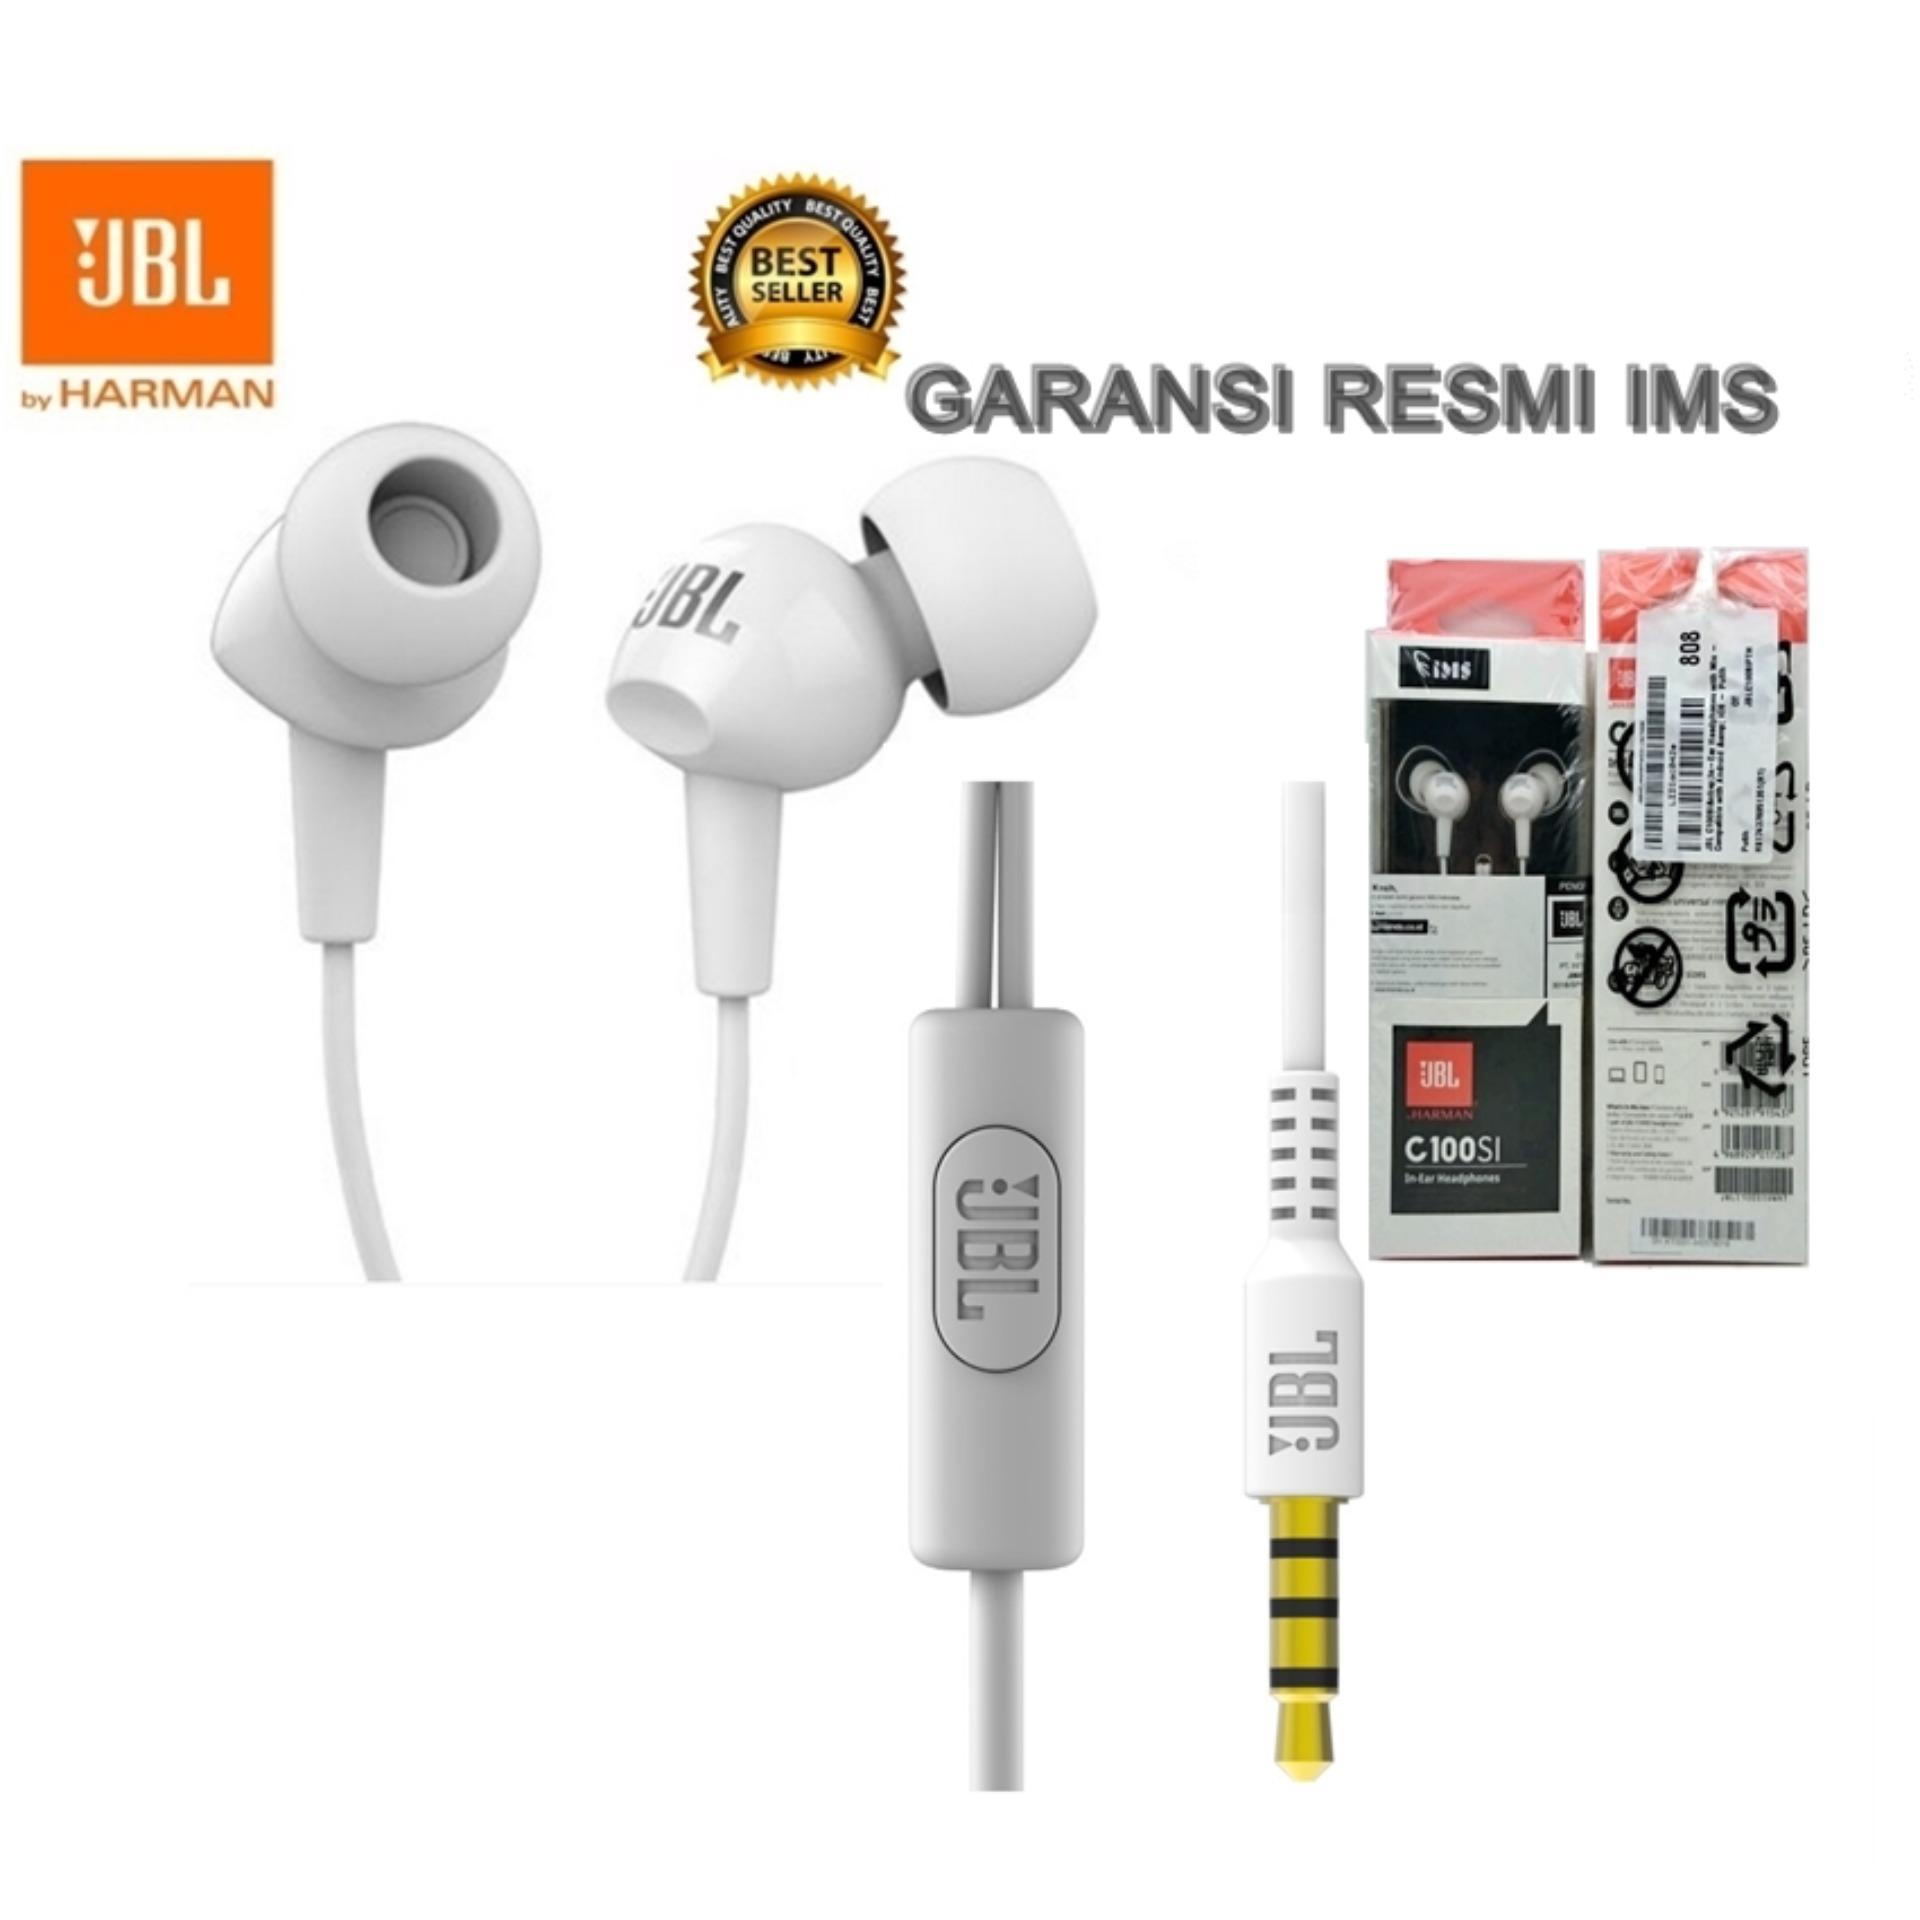 Earphone Headset Handsfree JBL C100SI Original Garansi Resmi IMS-Putih